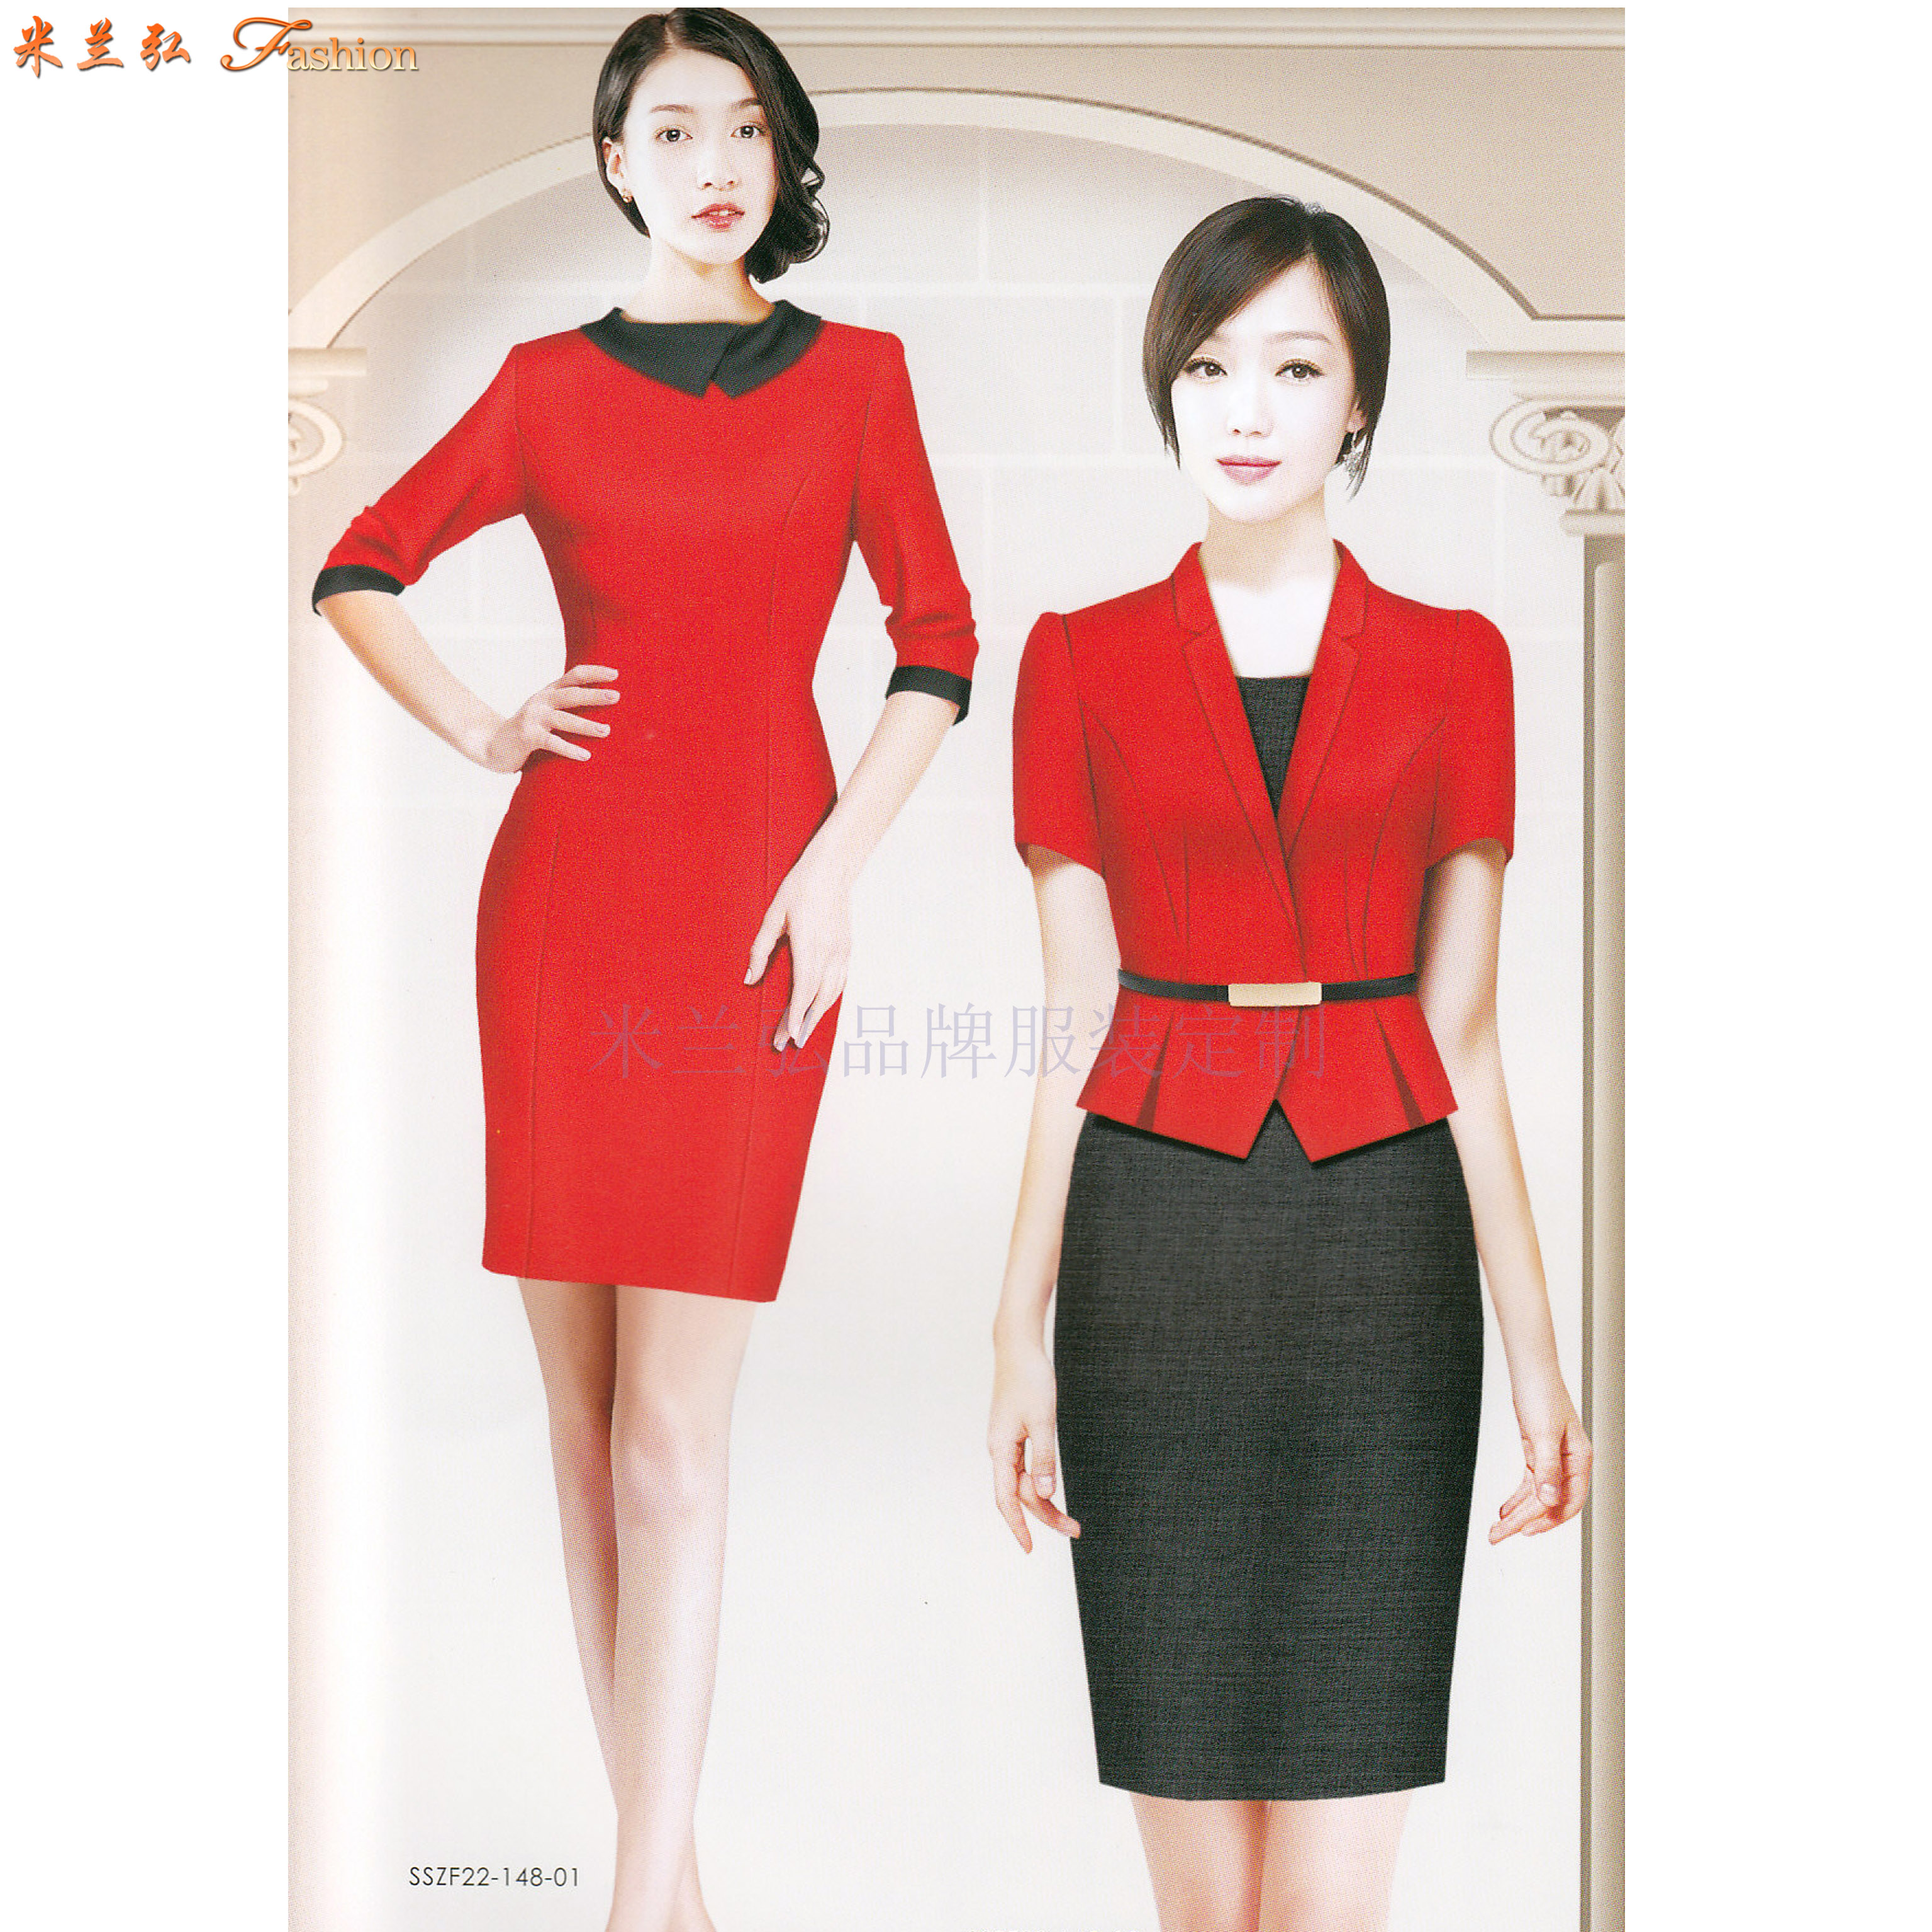 「短袖修身空姐服款式」「短袖靚麗空姐服圖片」-米蘭弘服裝-4